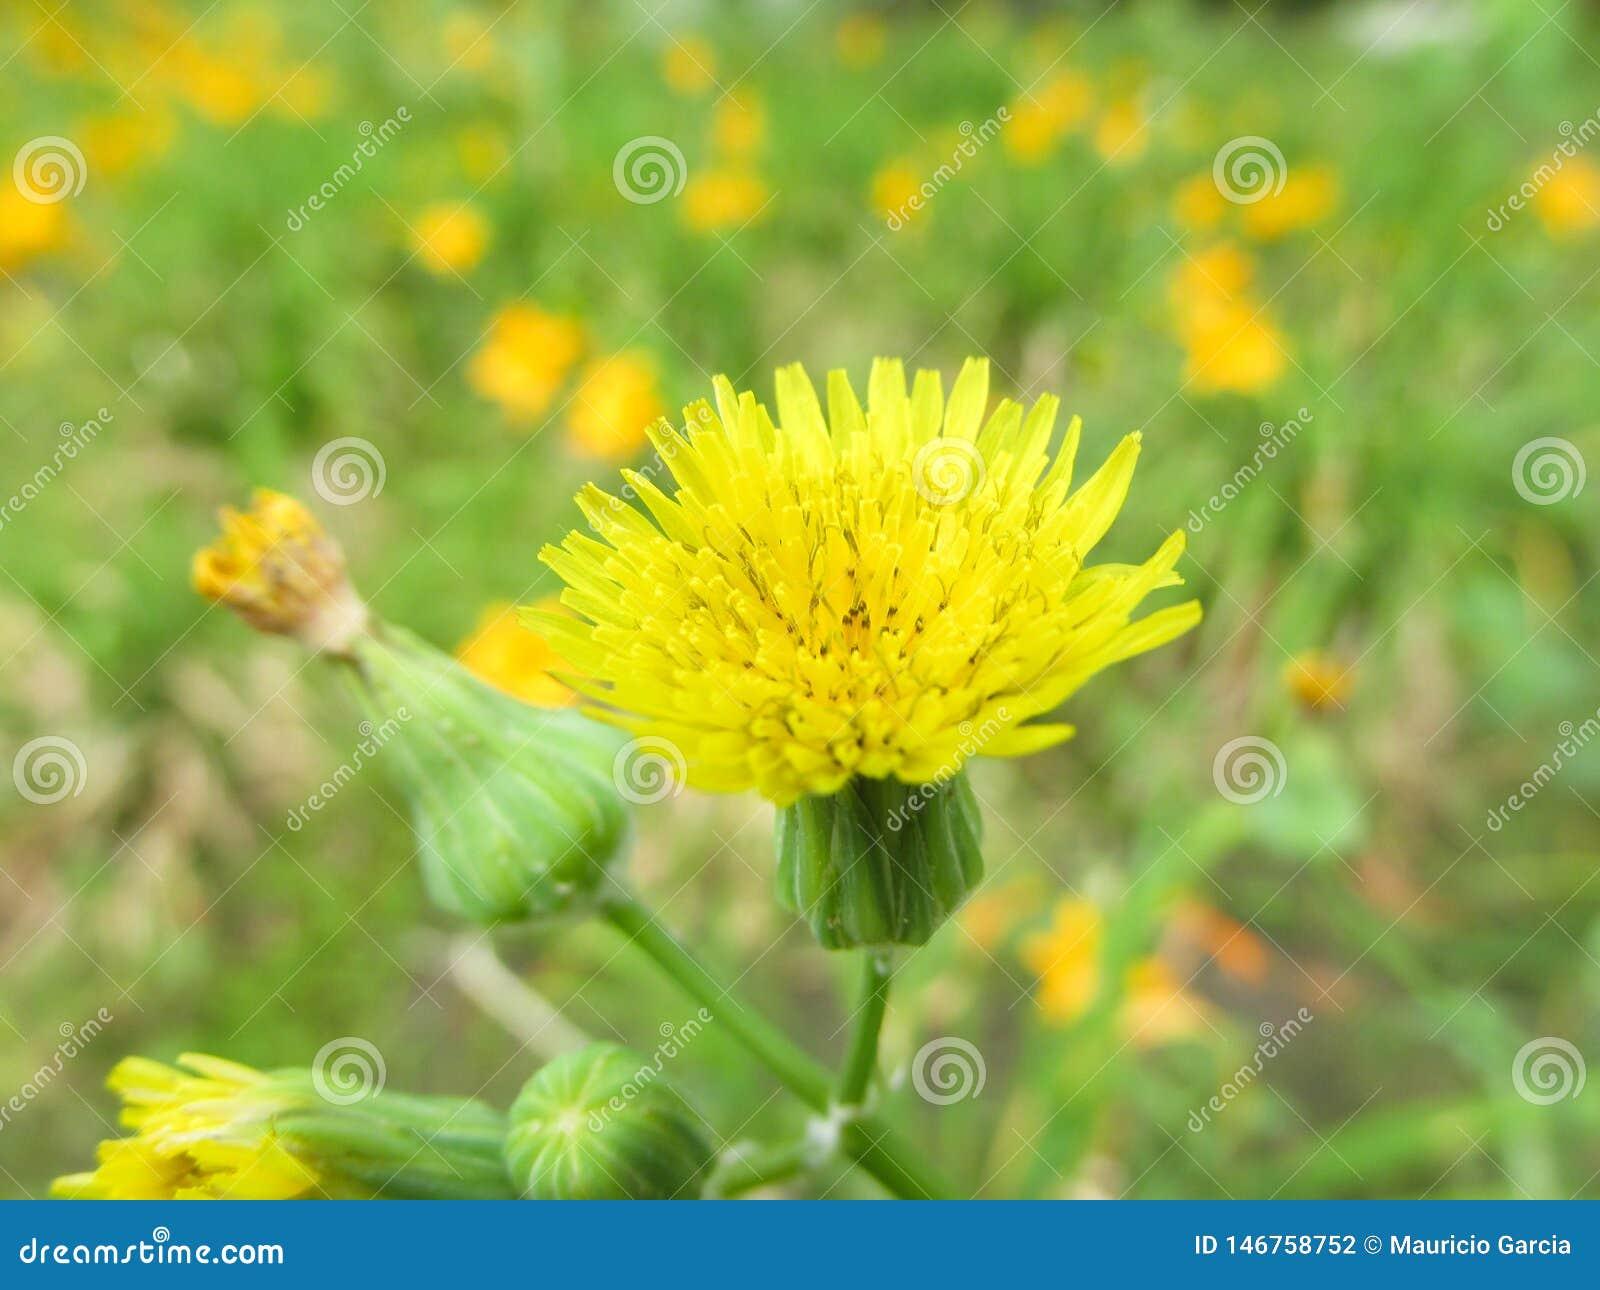 Flor Diente De León En jardín floreado